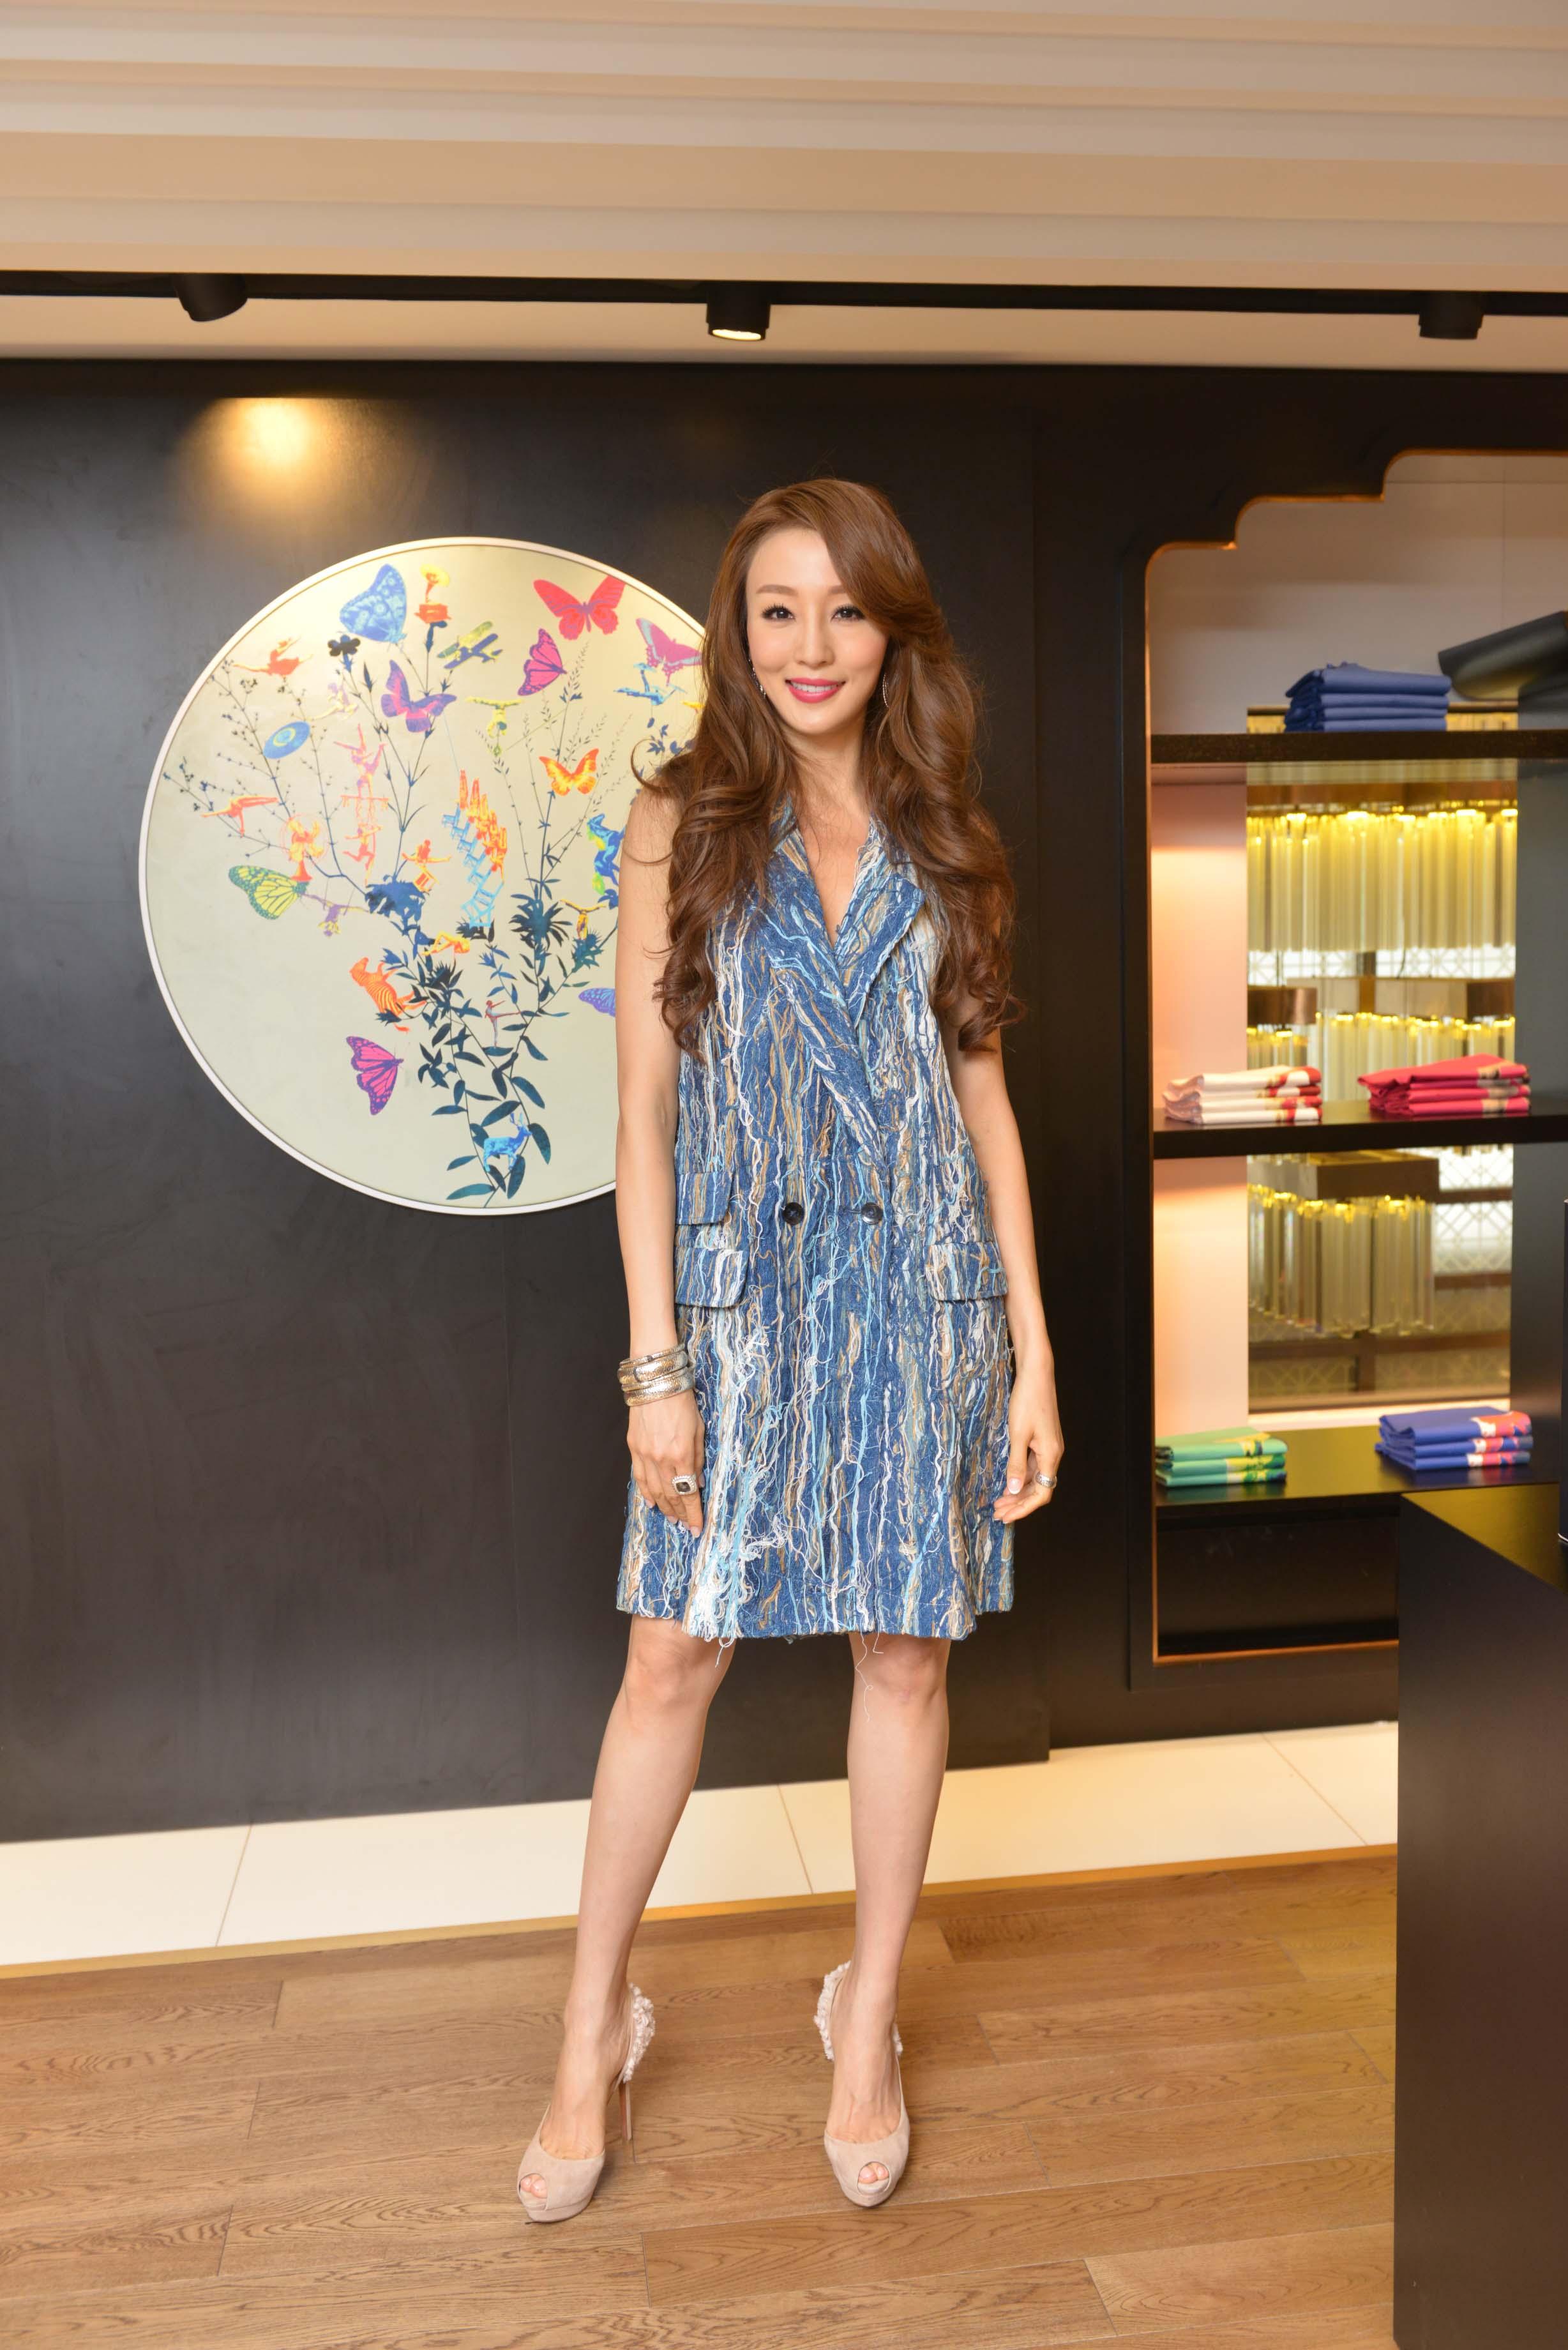 Hong Kong supermodel Eunis Chan wore Alex Leau to attend the Redress Design Award 2015/16 Hong Kong launch event